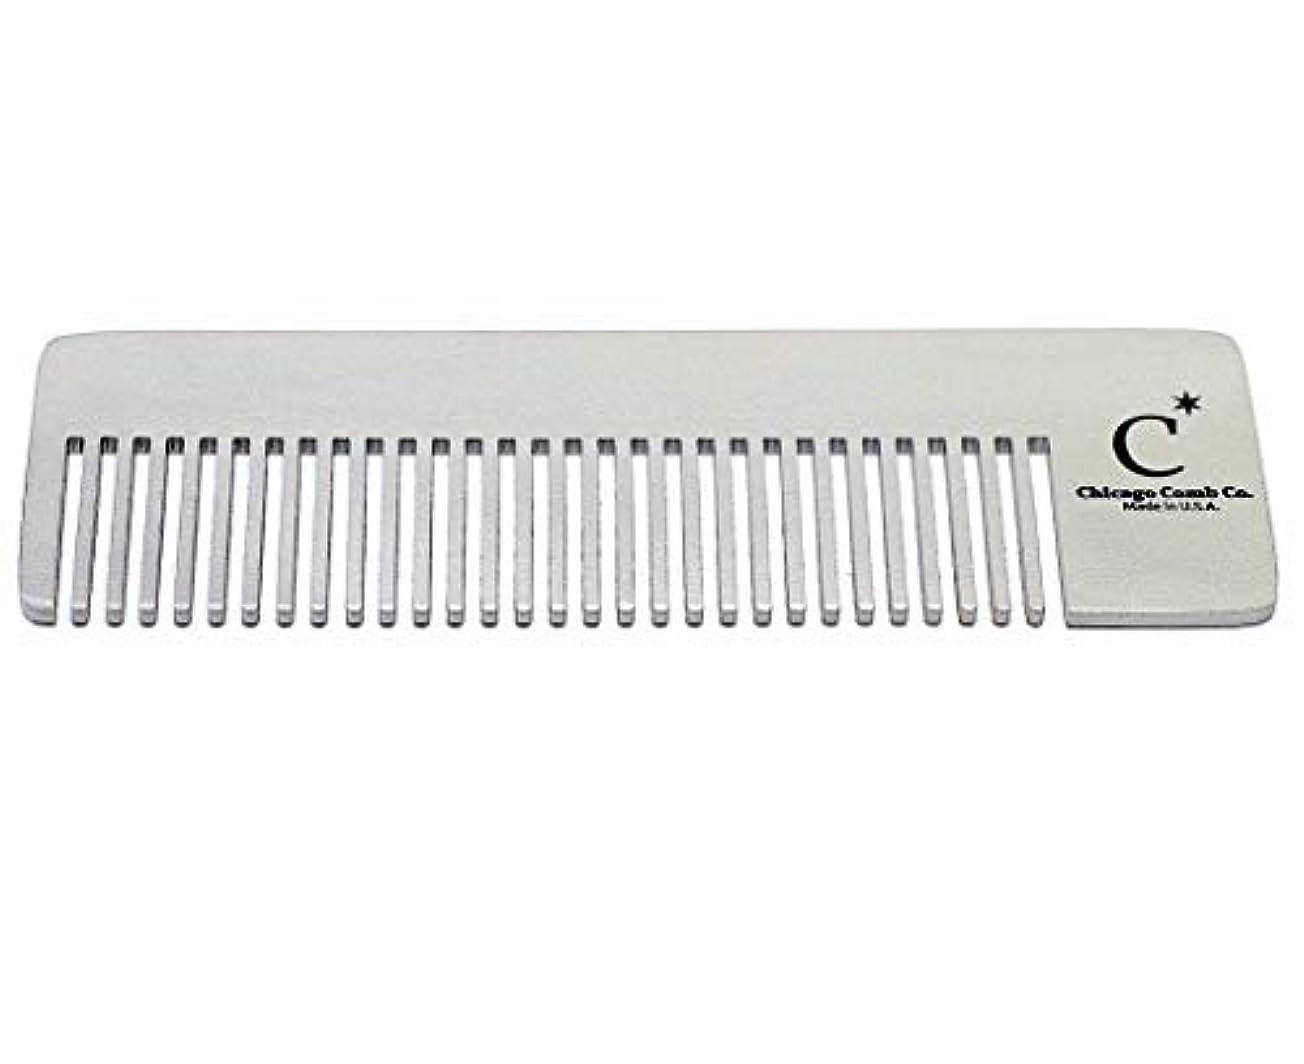 バケット安西どちらかChicago Comb Model 4 Standard, Made in USA, Stainless Steel, Ultimate Pocket Comb, Beard & Mustache, Medium-Fine...